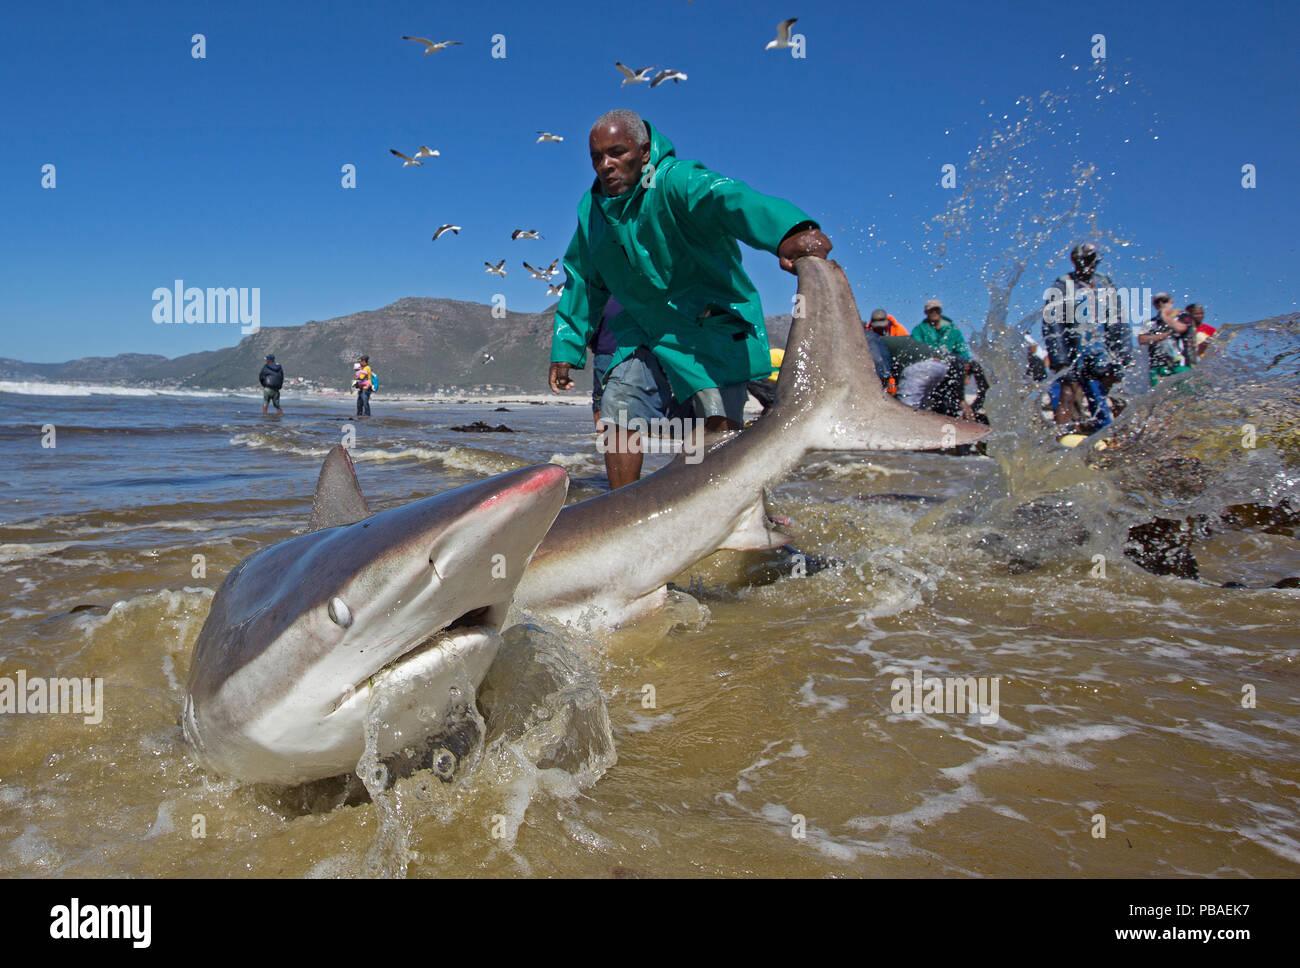 Requin baleinier Bronze (Carcharhinus brachyurus), pris dans la senne traditionnelle et publié par pêcheur, Muizenberg Beach, Cape Town, Afrique du Sud, janvier 2014 Photo Stock